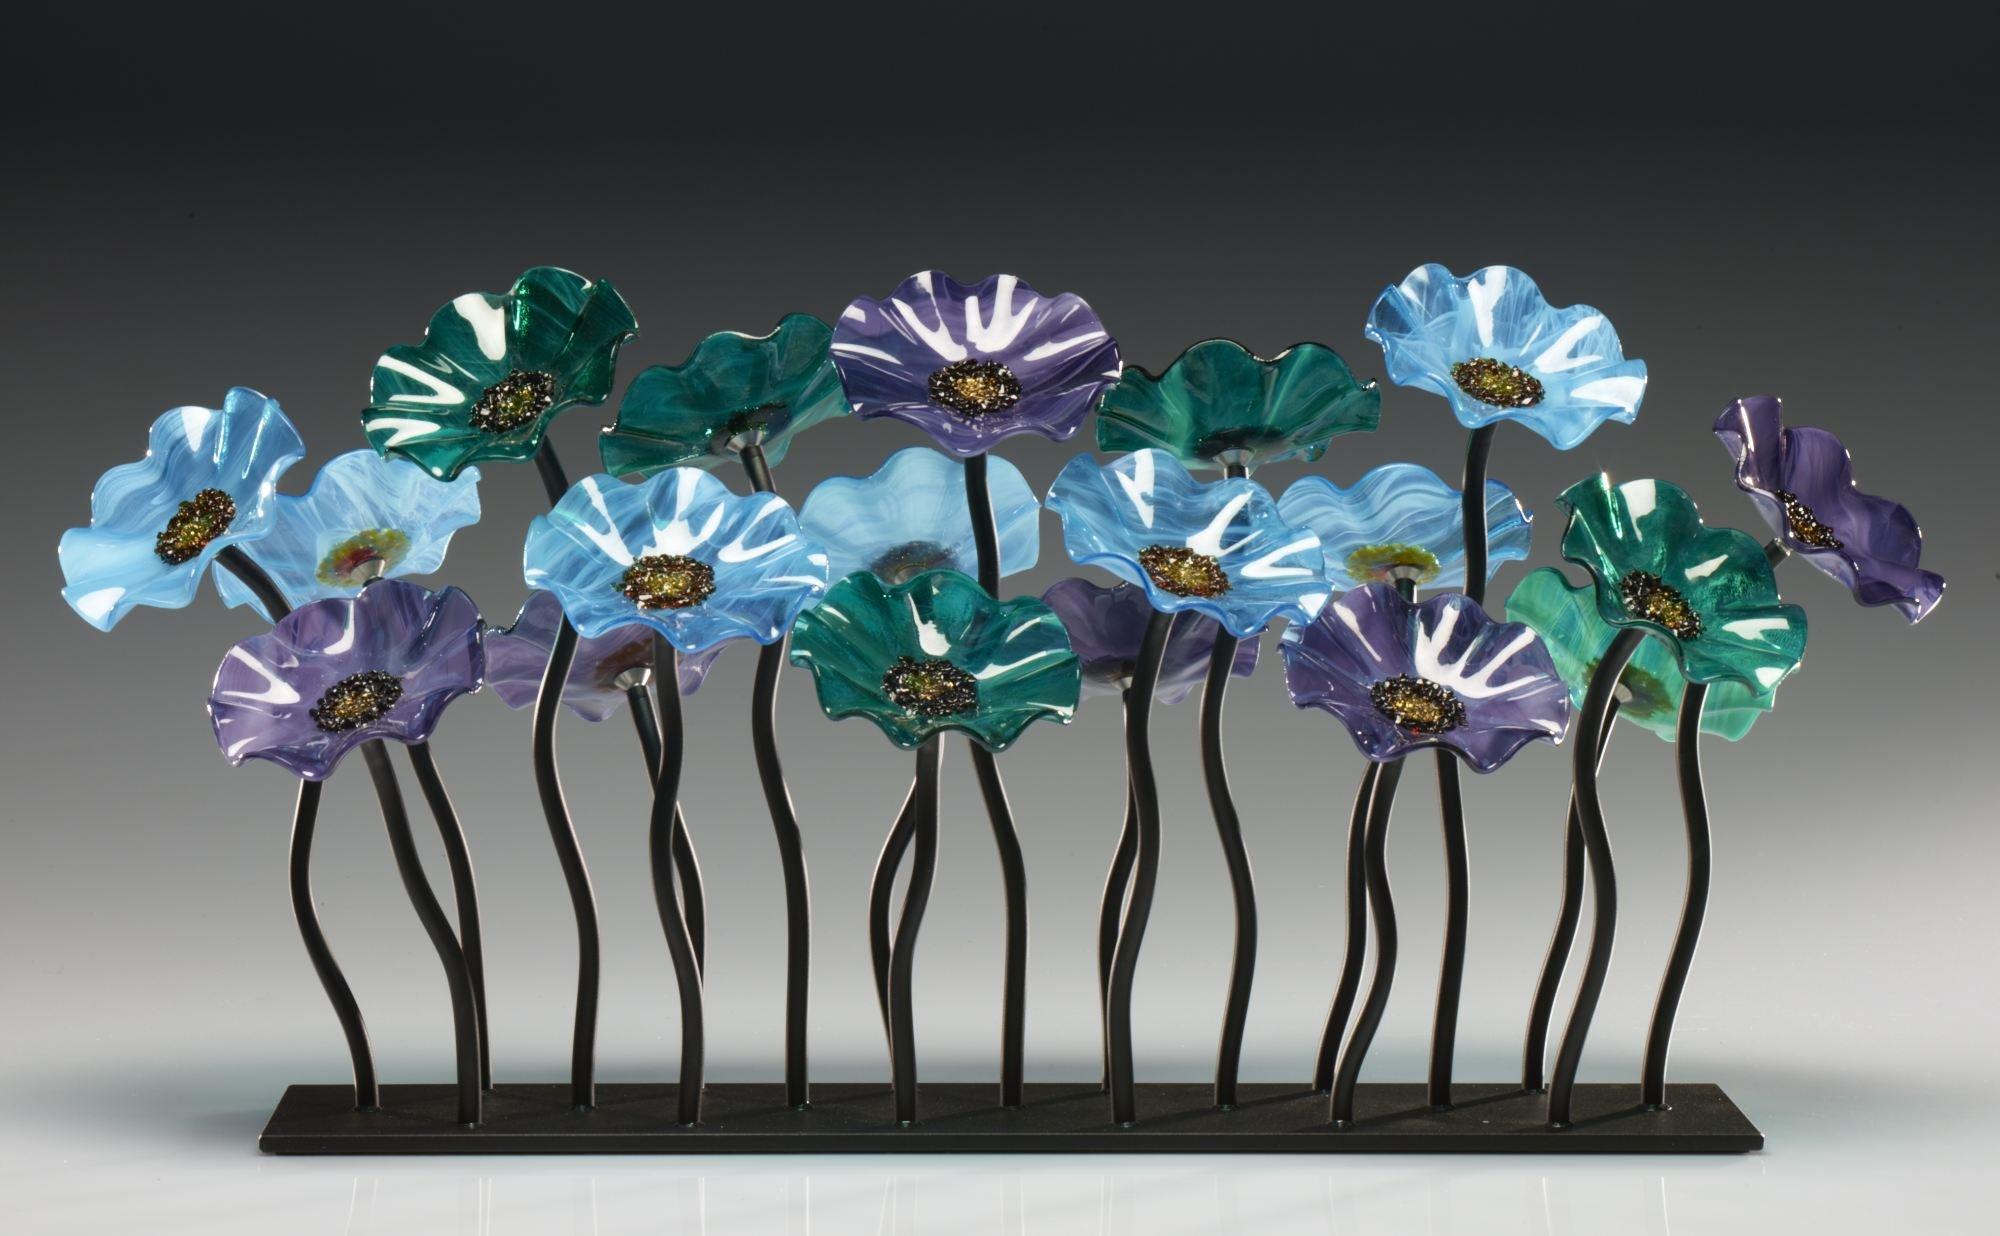 Glass flower garden by scott johnson and shawn johnson art glass